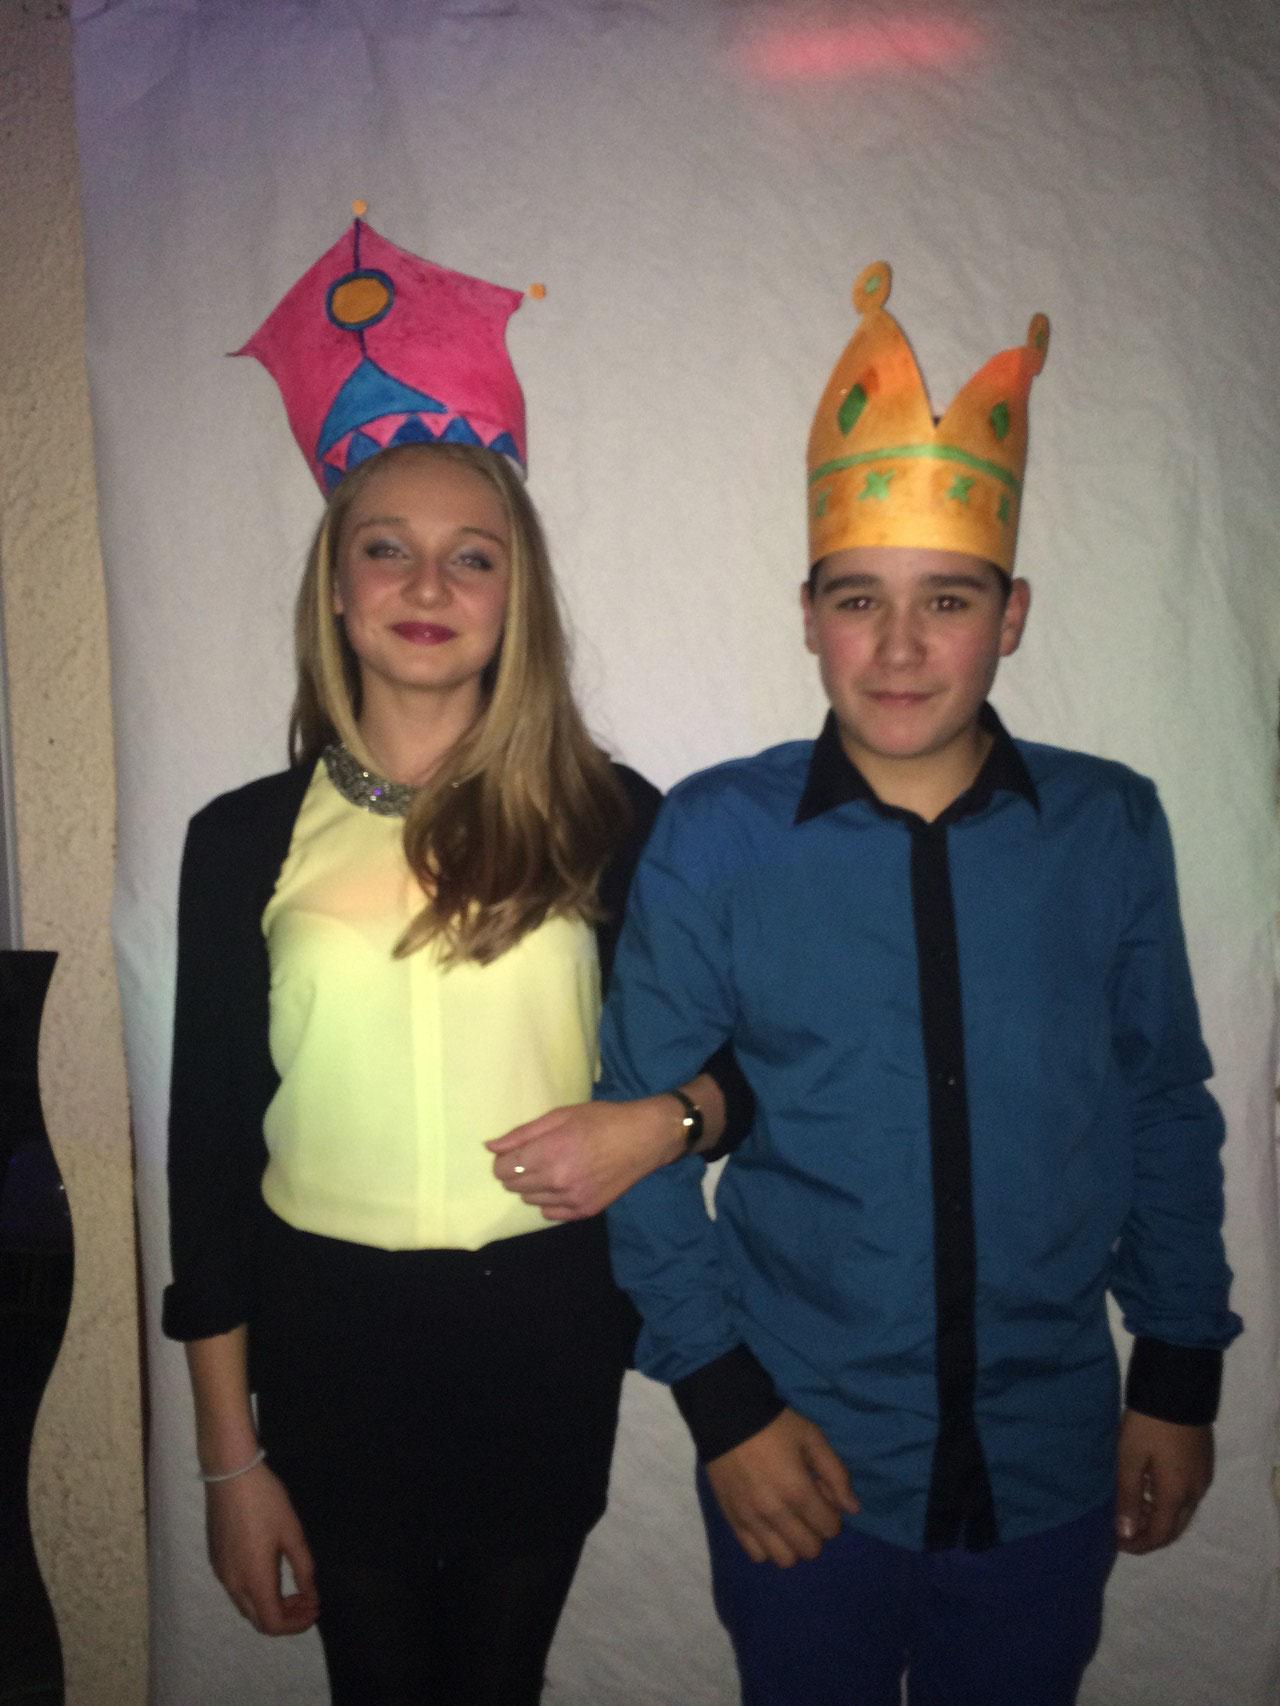 Le roi Stephen et la reine Charlotte